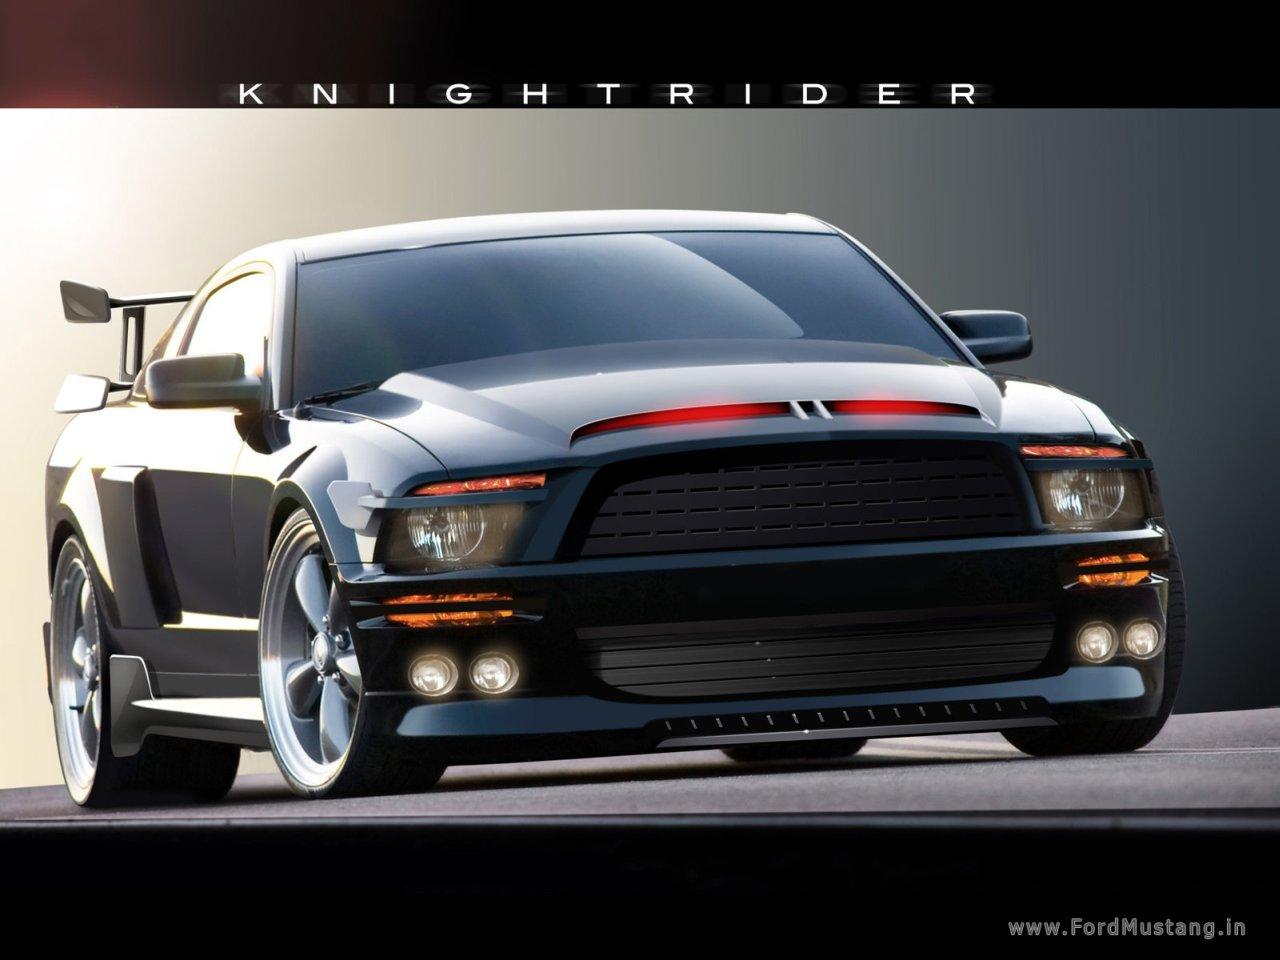 Knight Rider Ford Mustang Ford Mustang Bullitt Ford